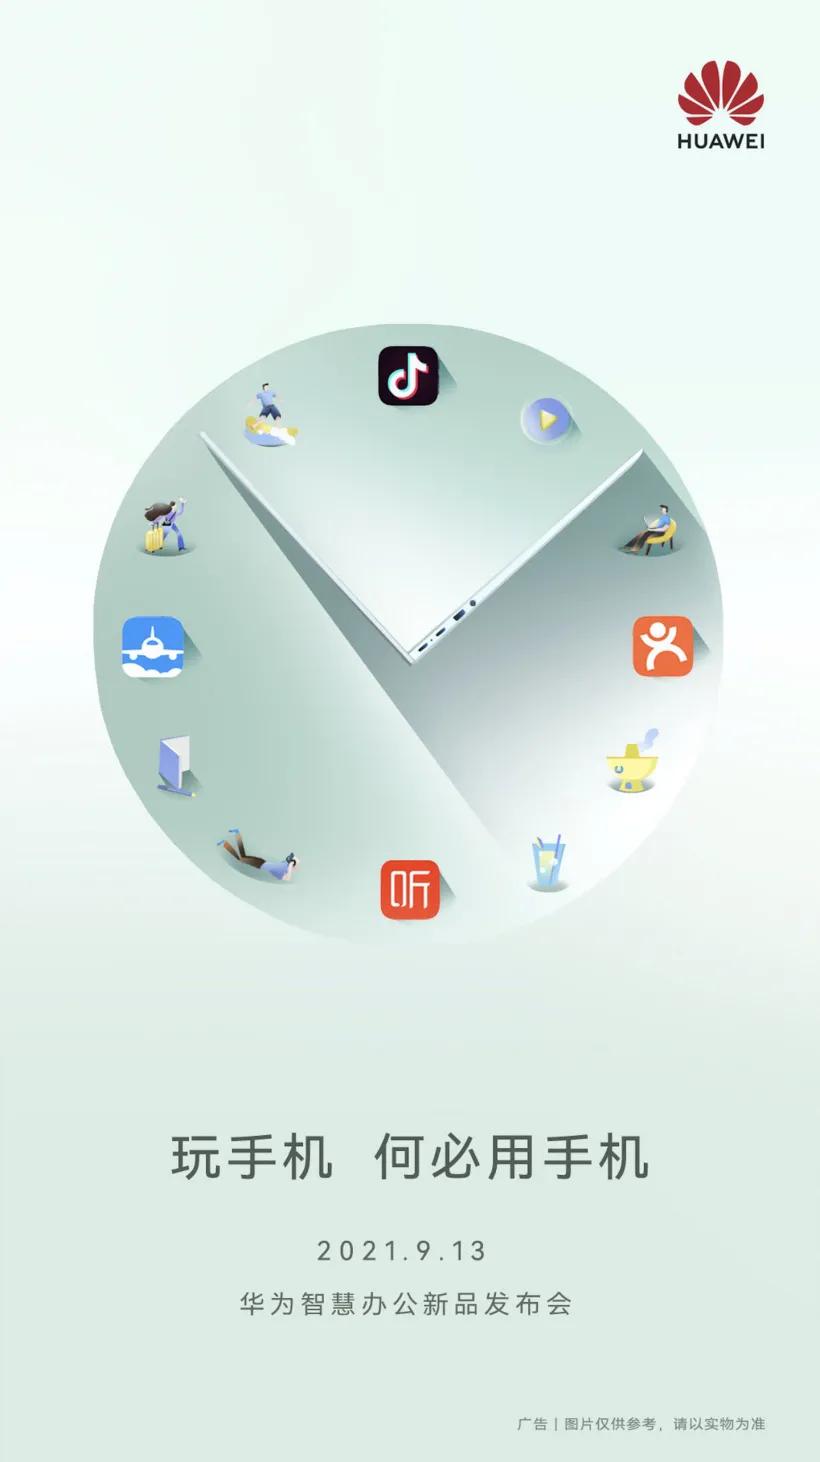 背刺微软Win11,华为抢先支持安卓App!插图(2)